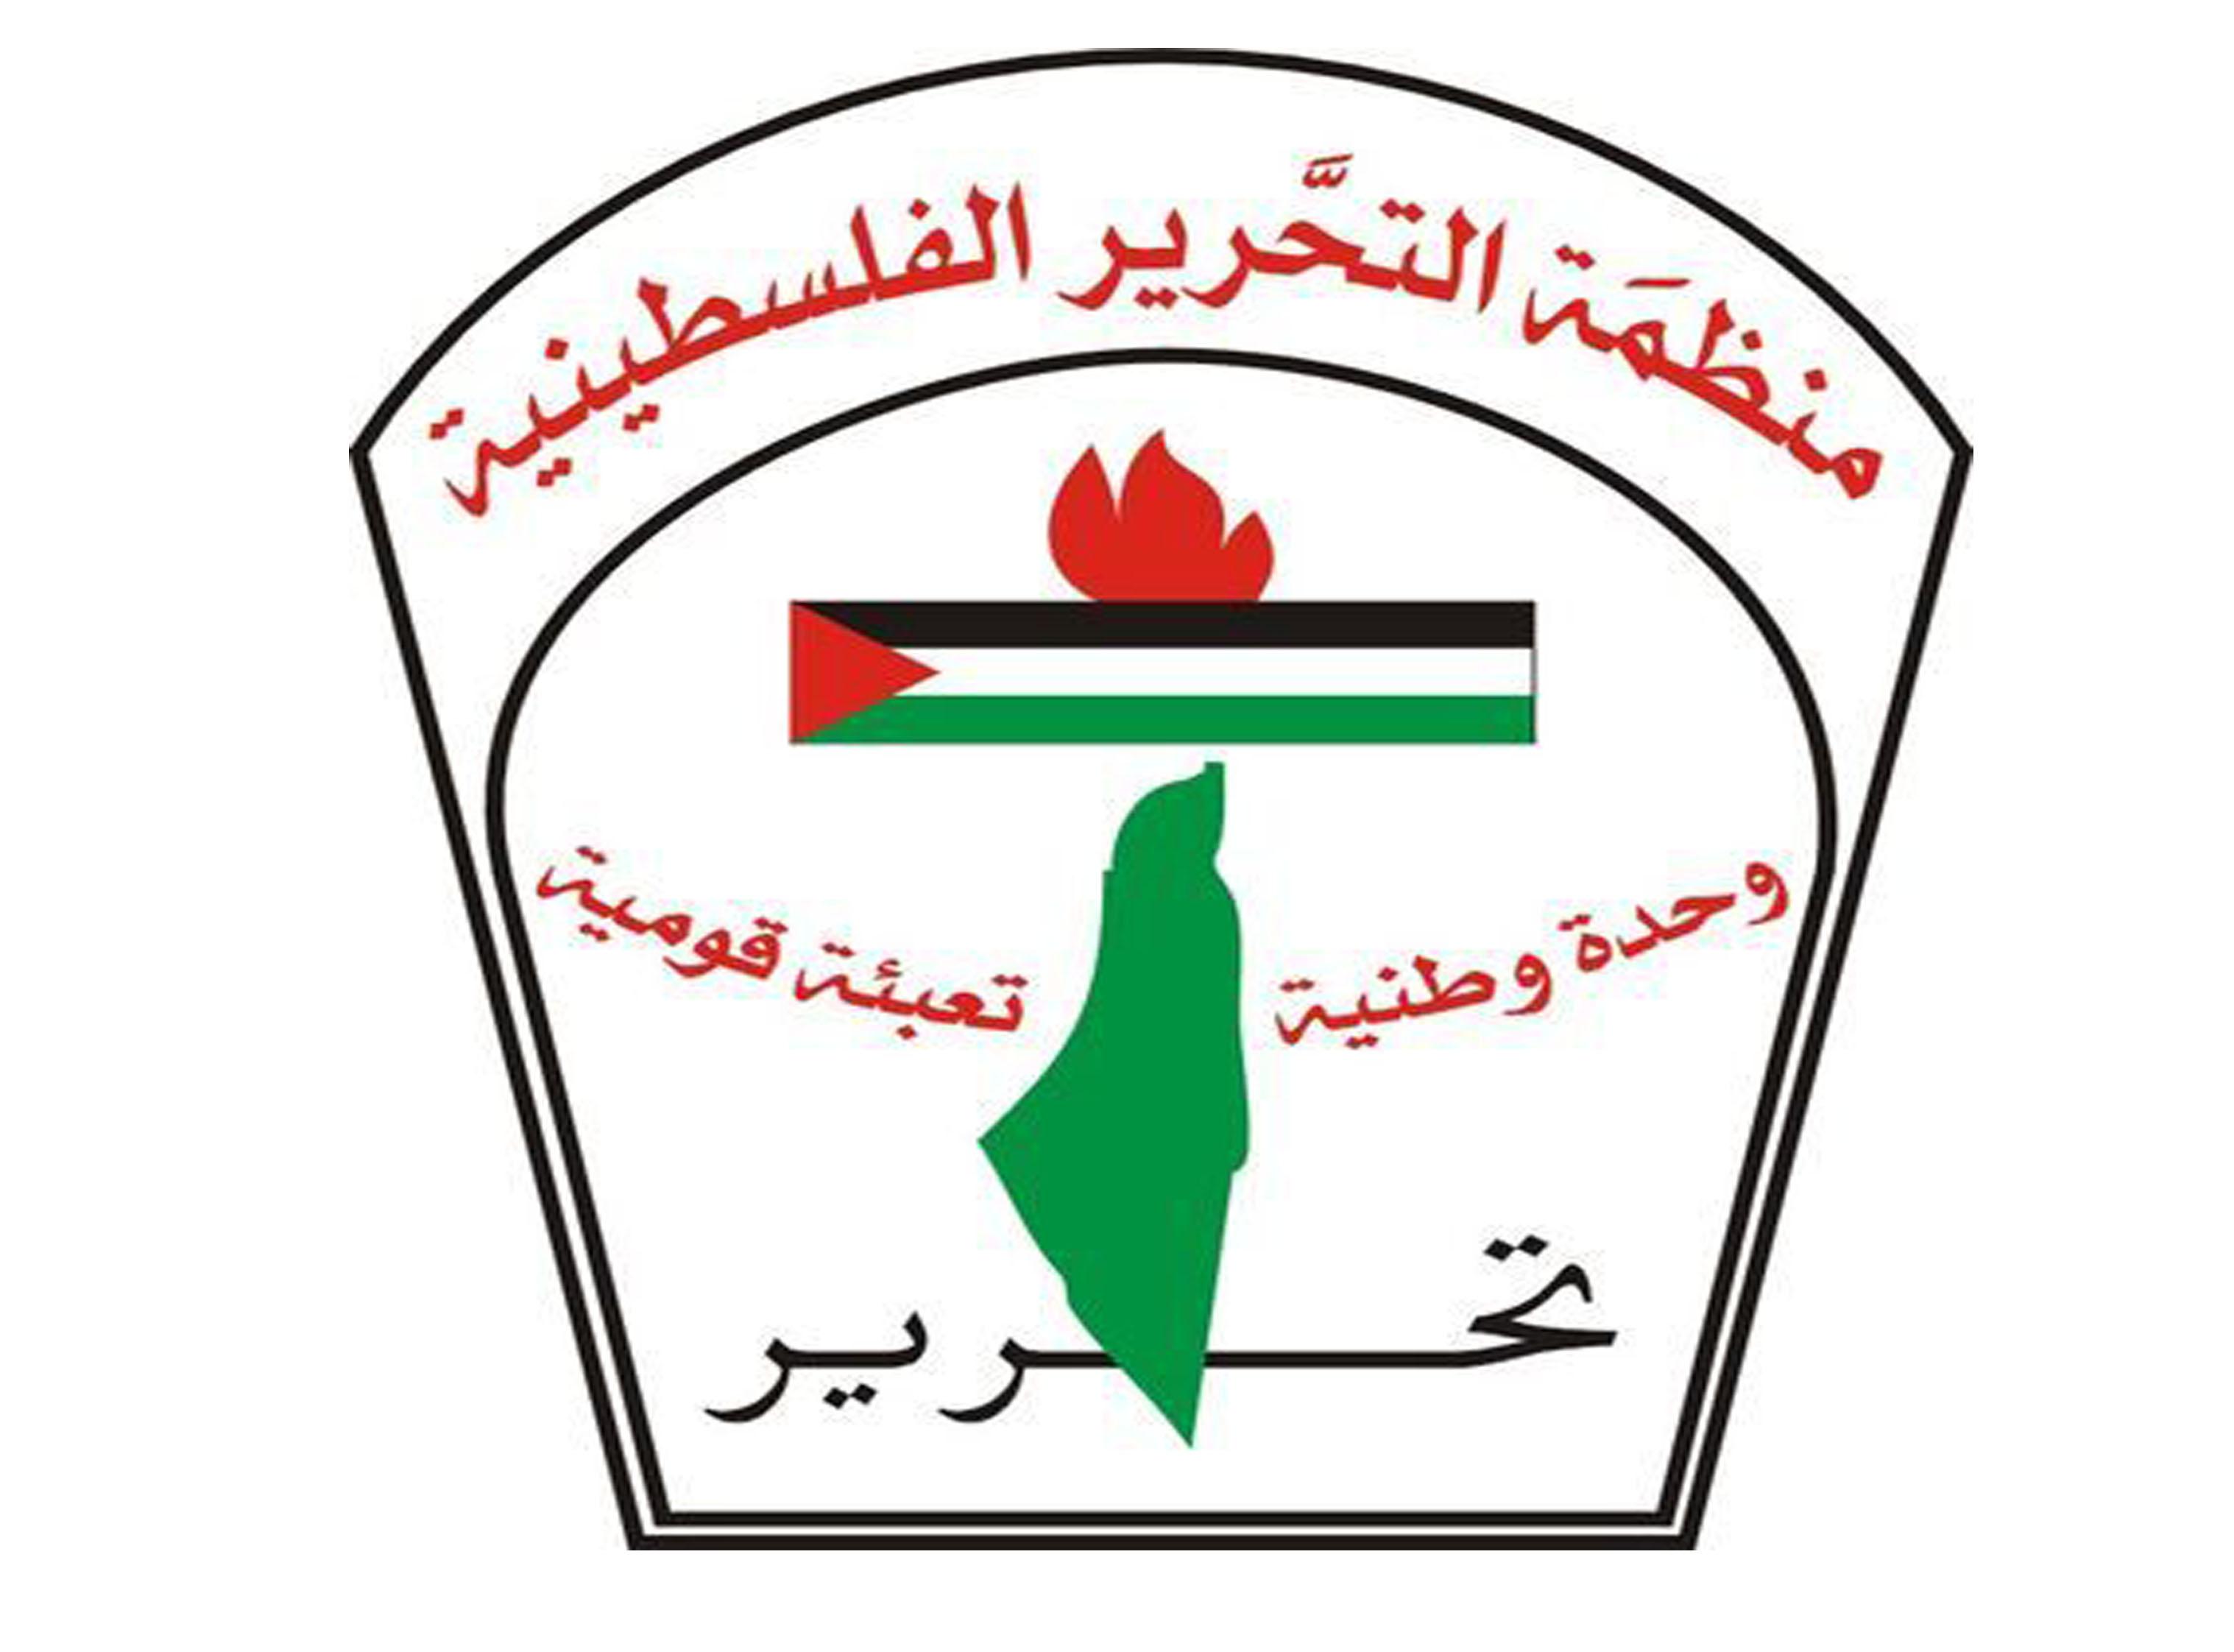 شعار منظمة التحرير